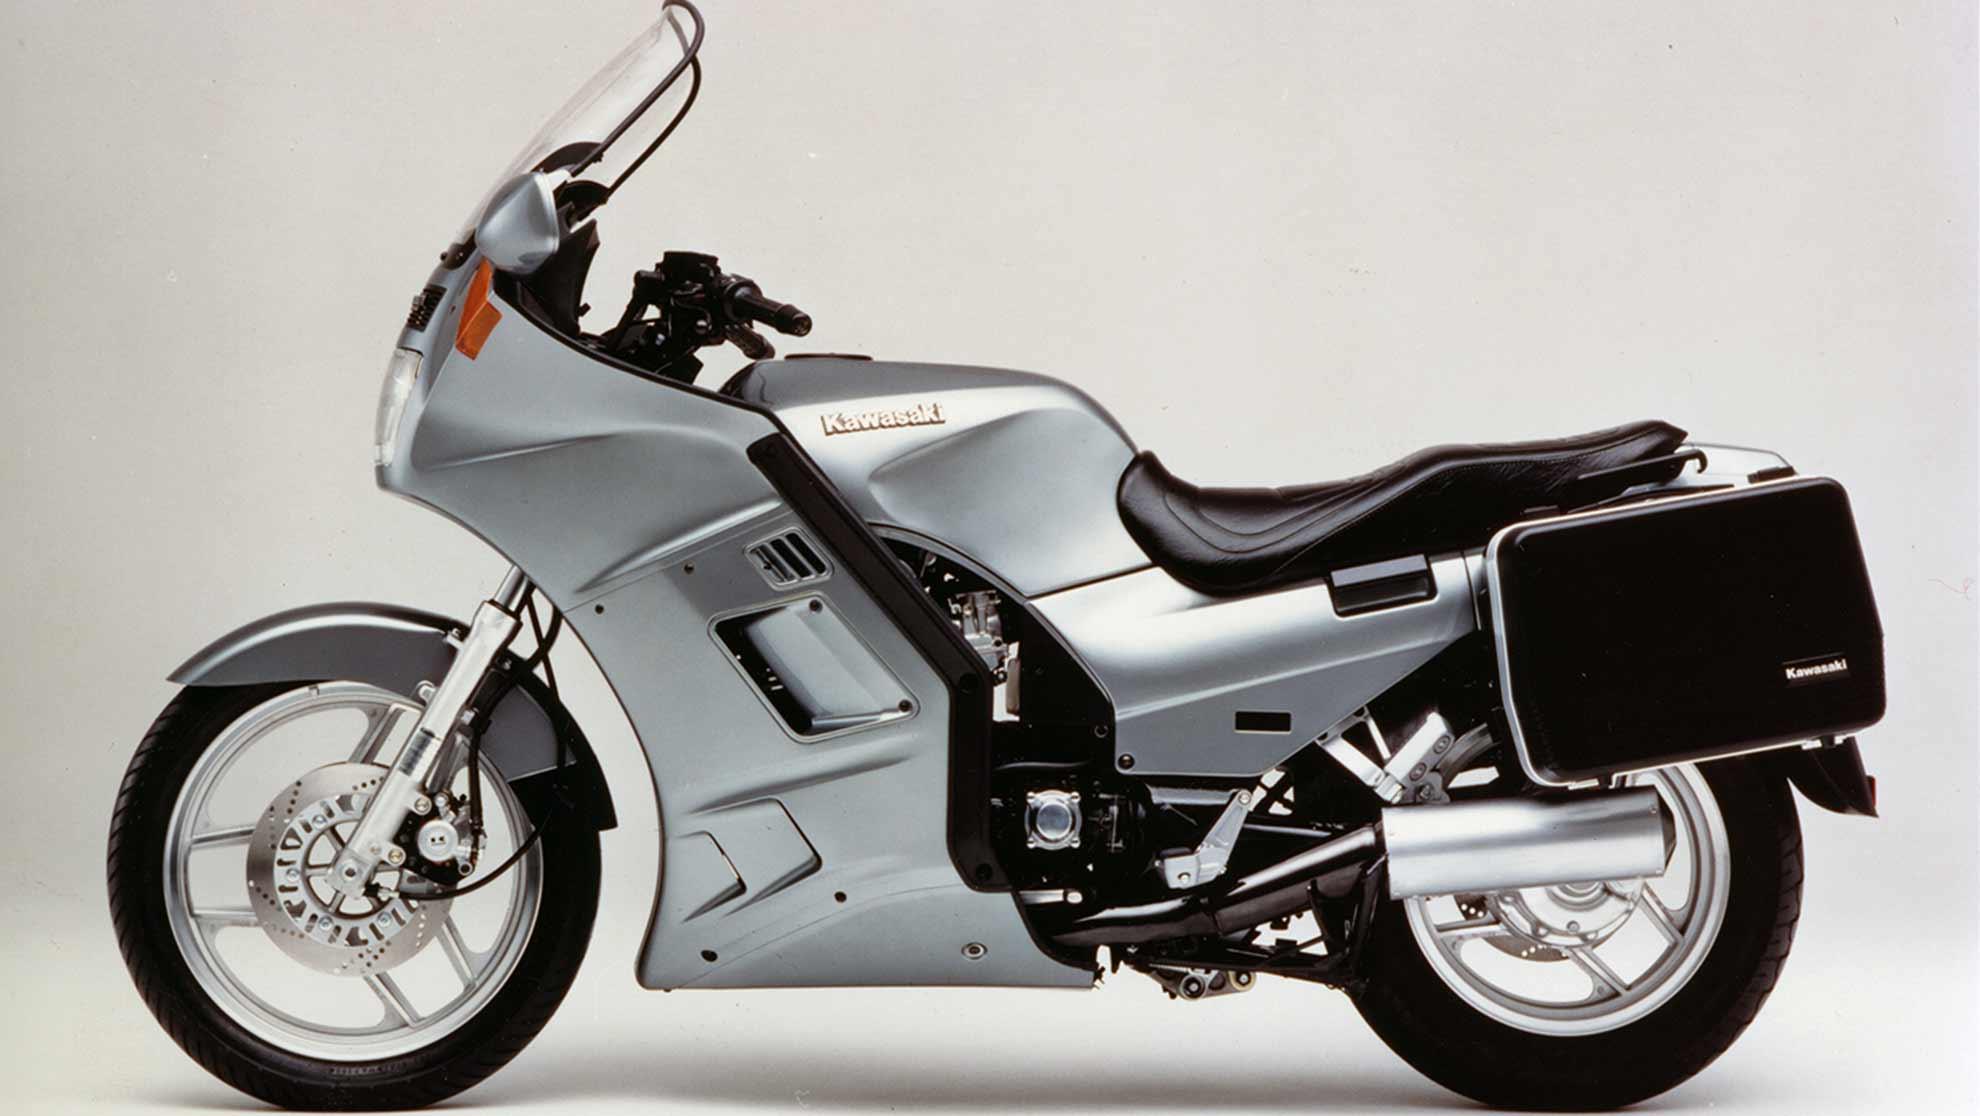 1986k-gross-1000-GTR-Vorlage-1986